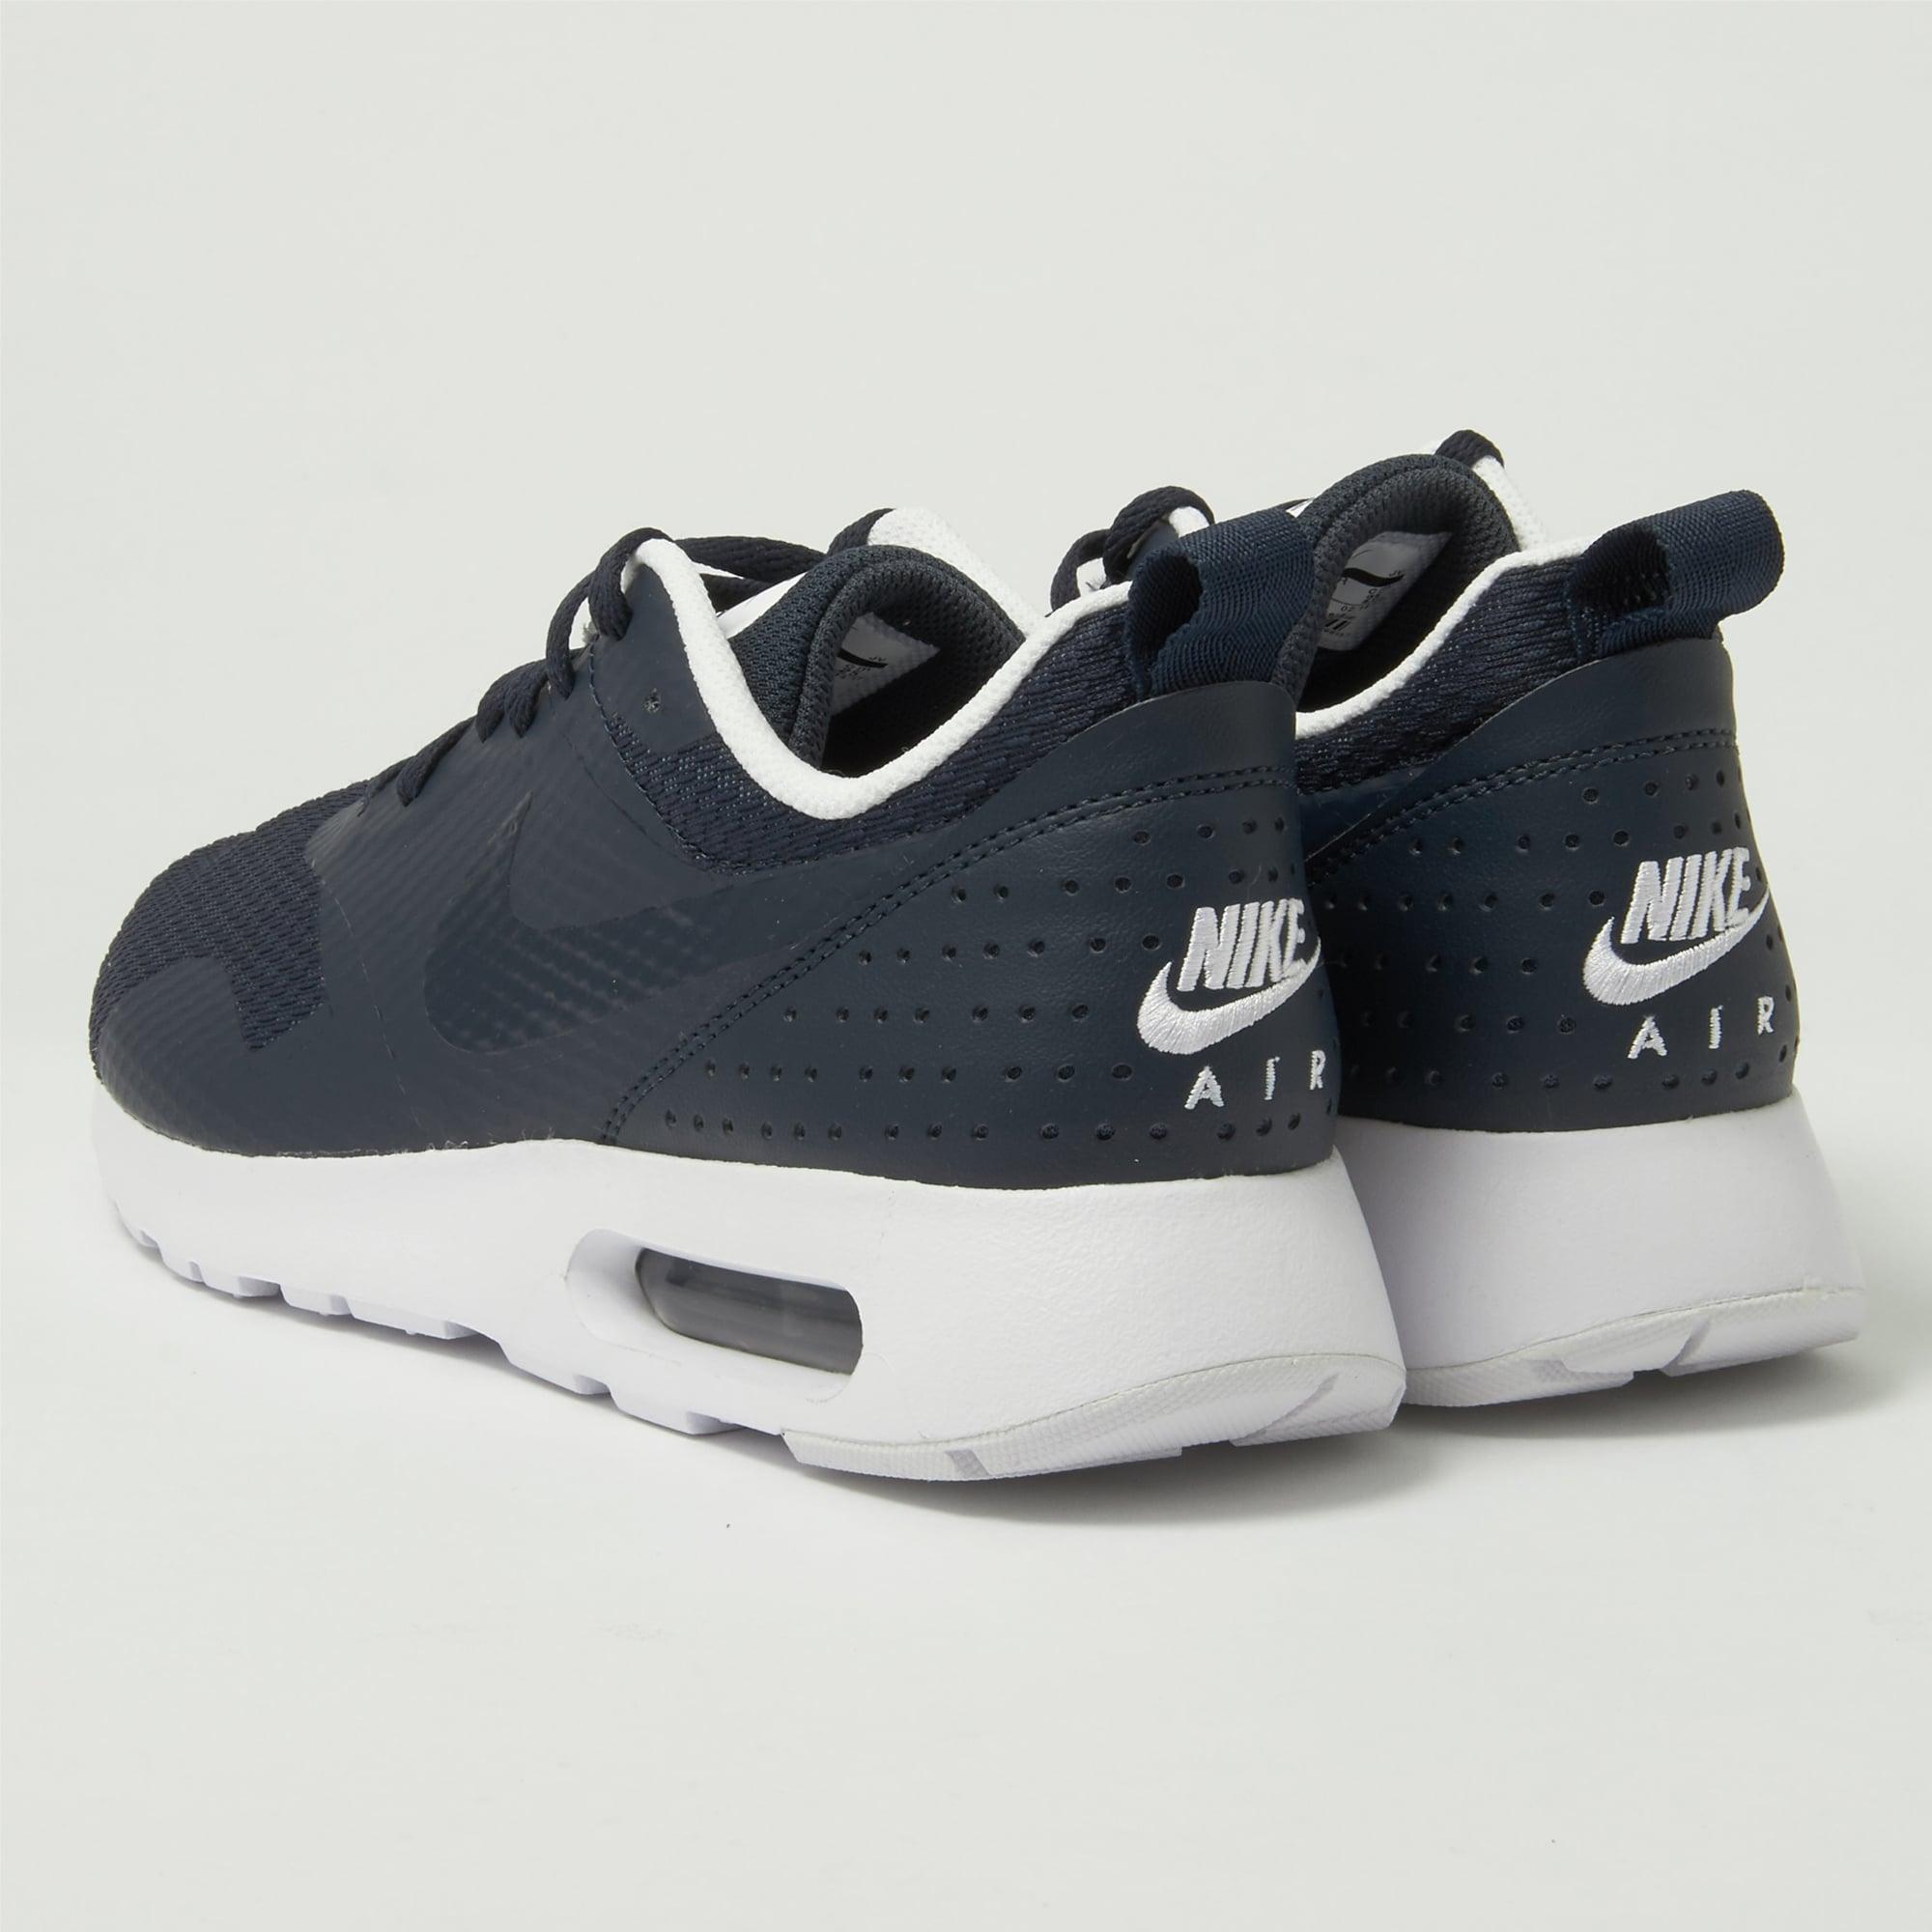 Nike Erkek Spor Ayakkabı Air Max Tavas 705149 409 | Trendyol